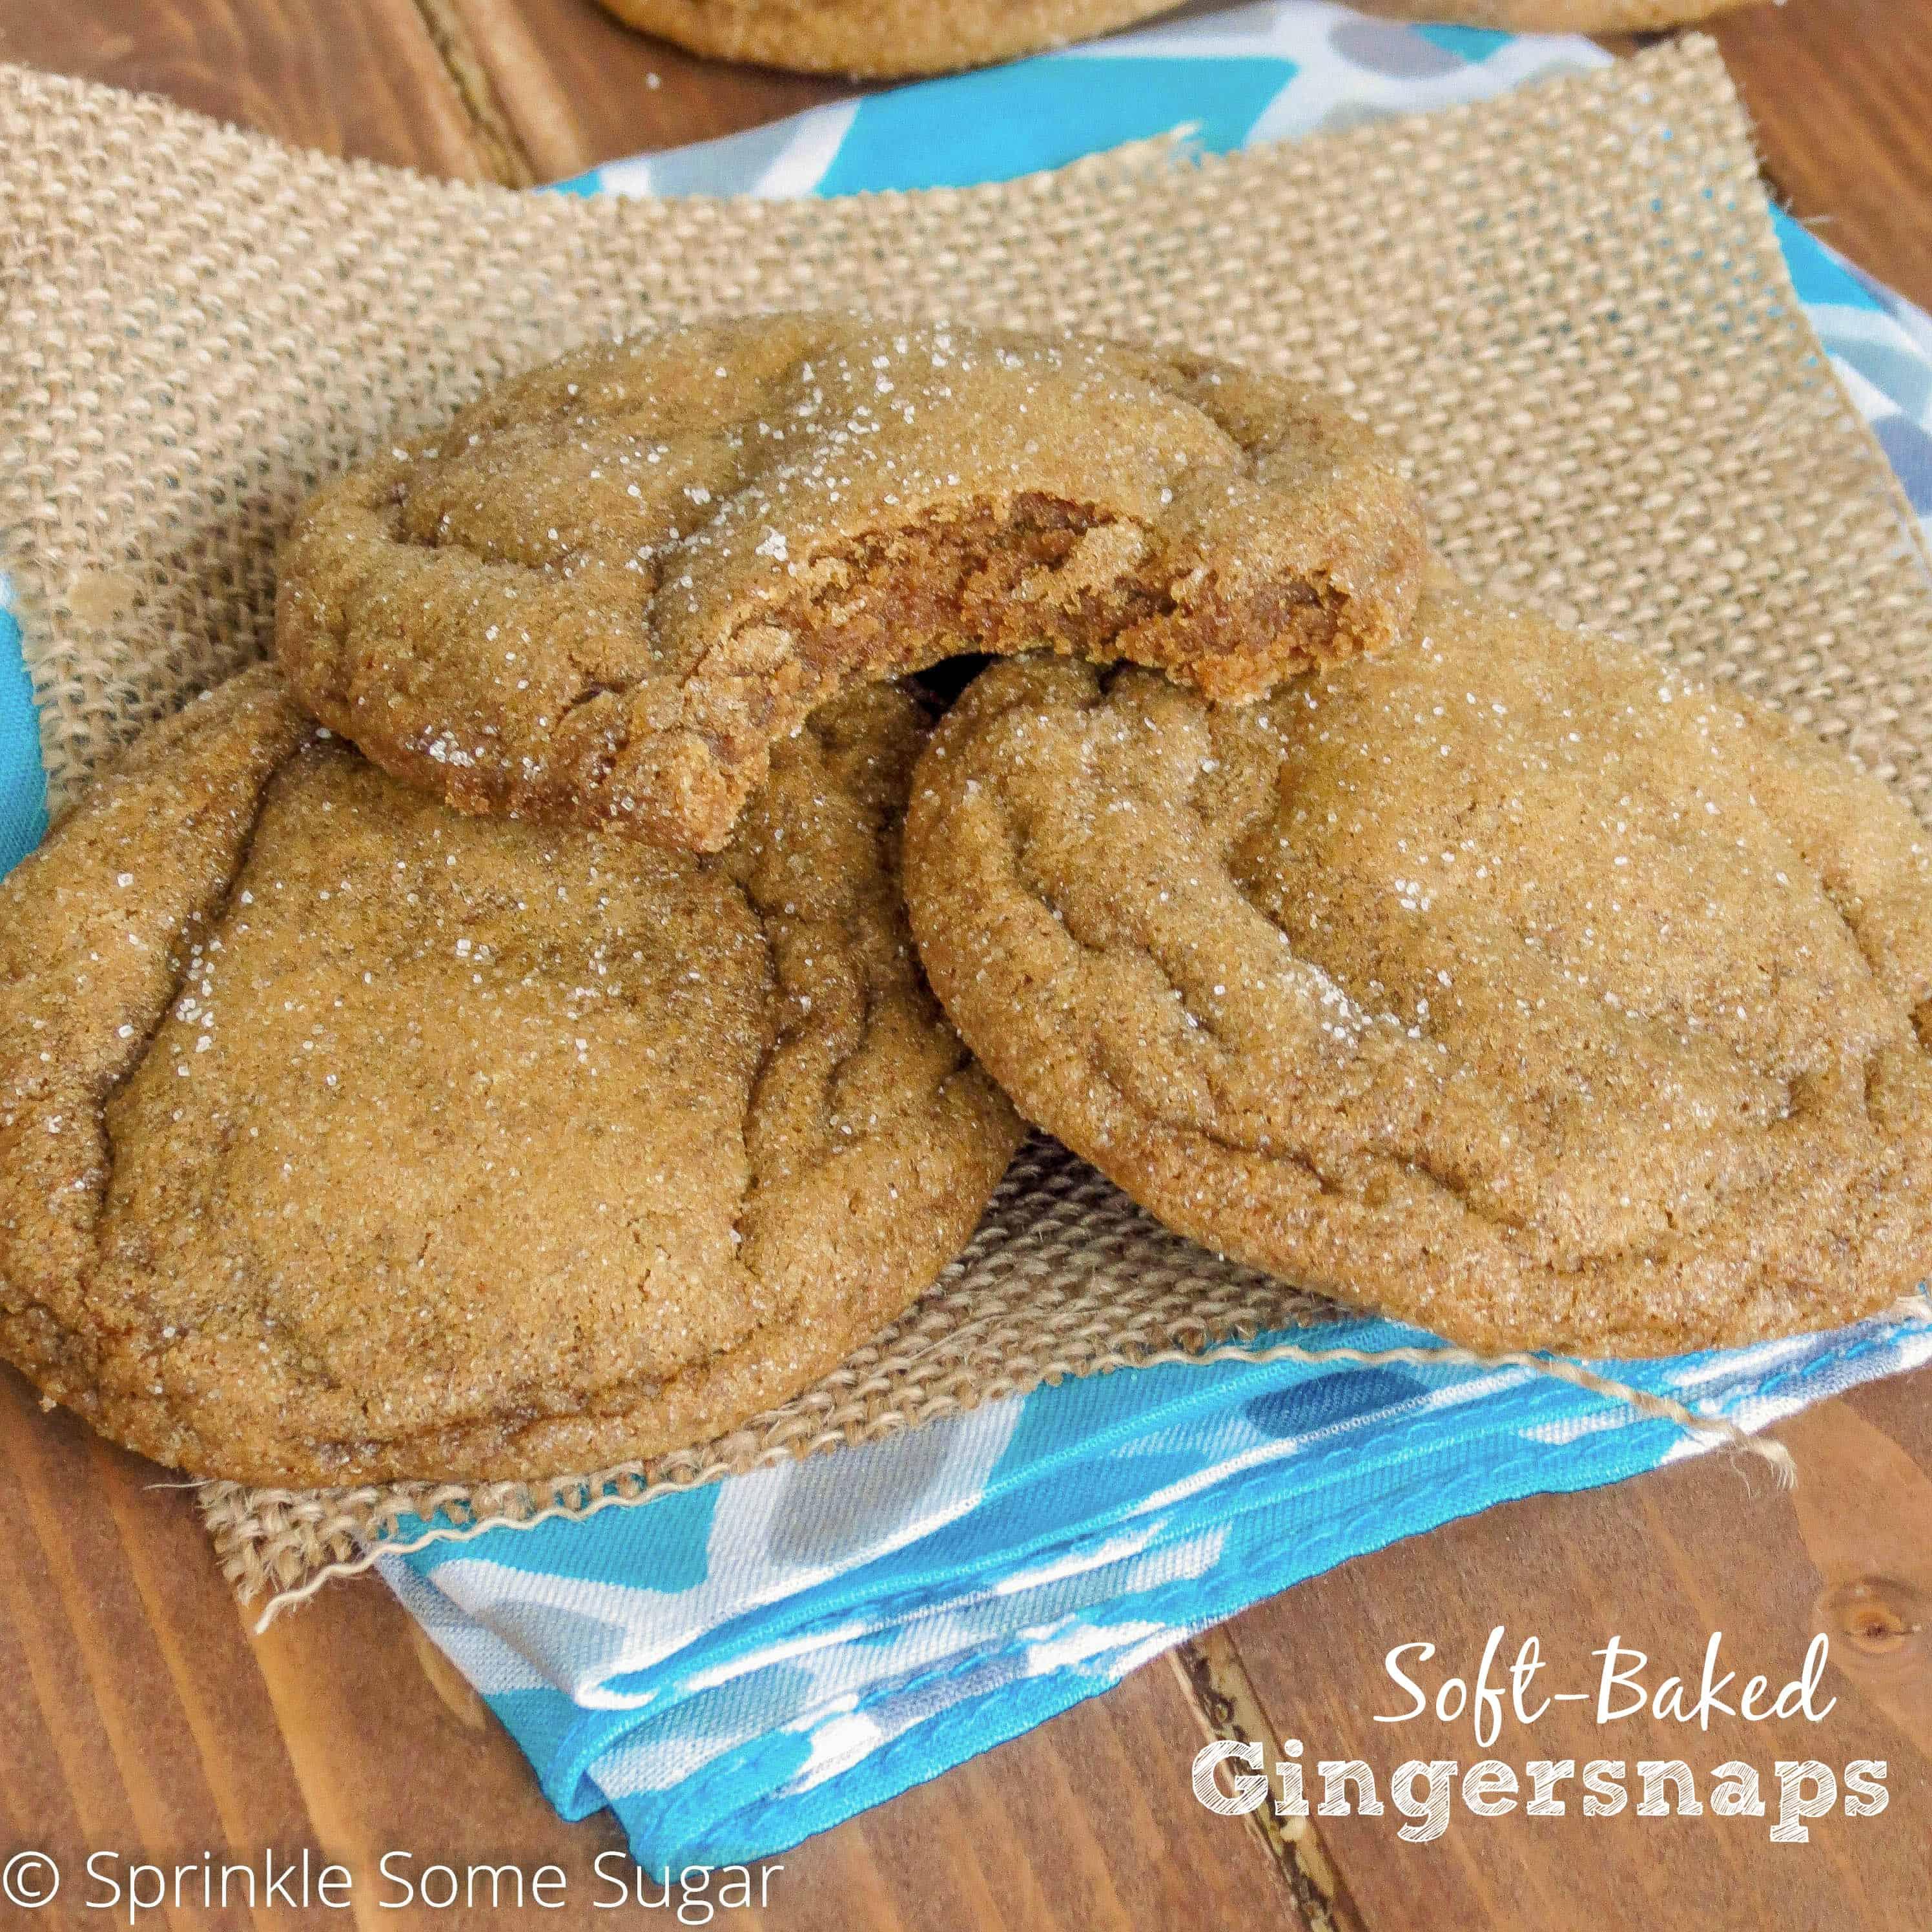 Soft-Baked Gingersnaps - Sprinkle Some Sugar